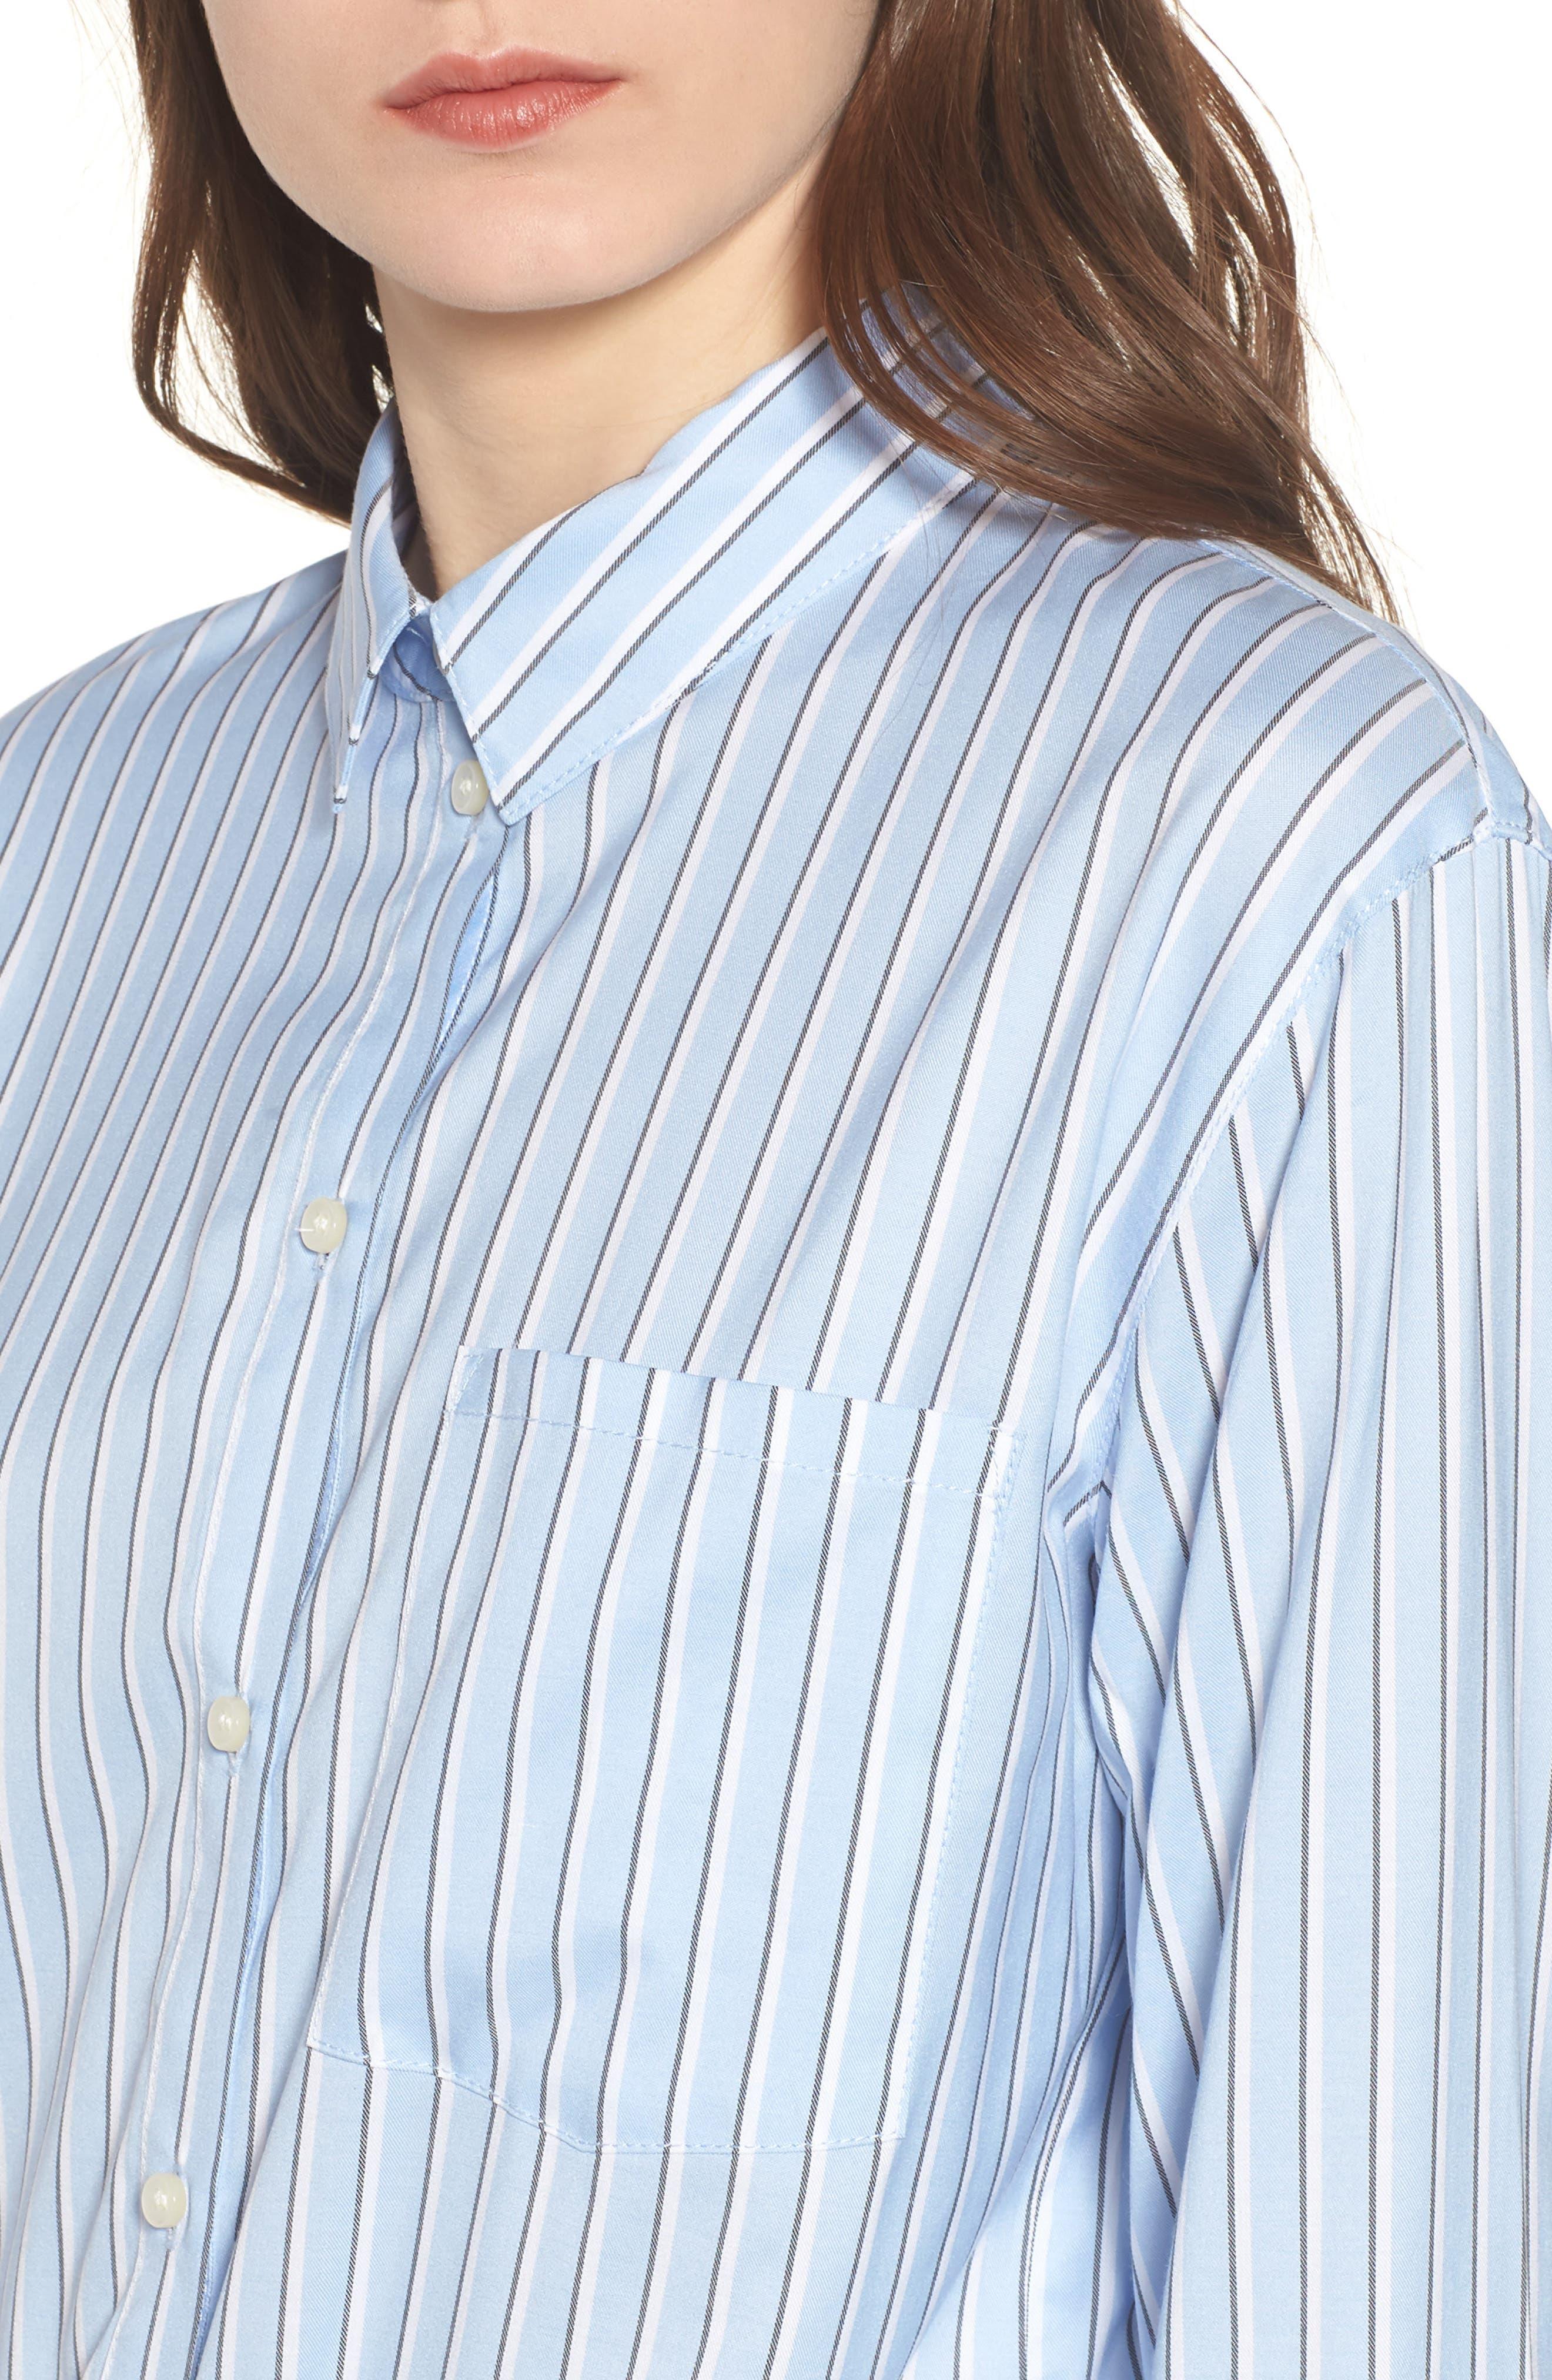 Stripe Button Front Shirt,                             Alternate thumbnail 4, color,                             420